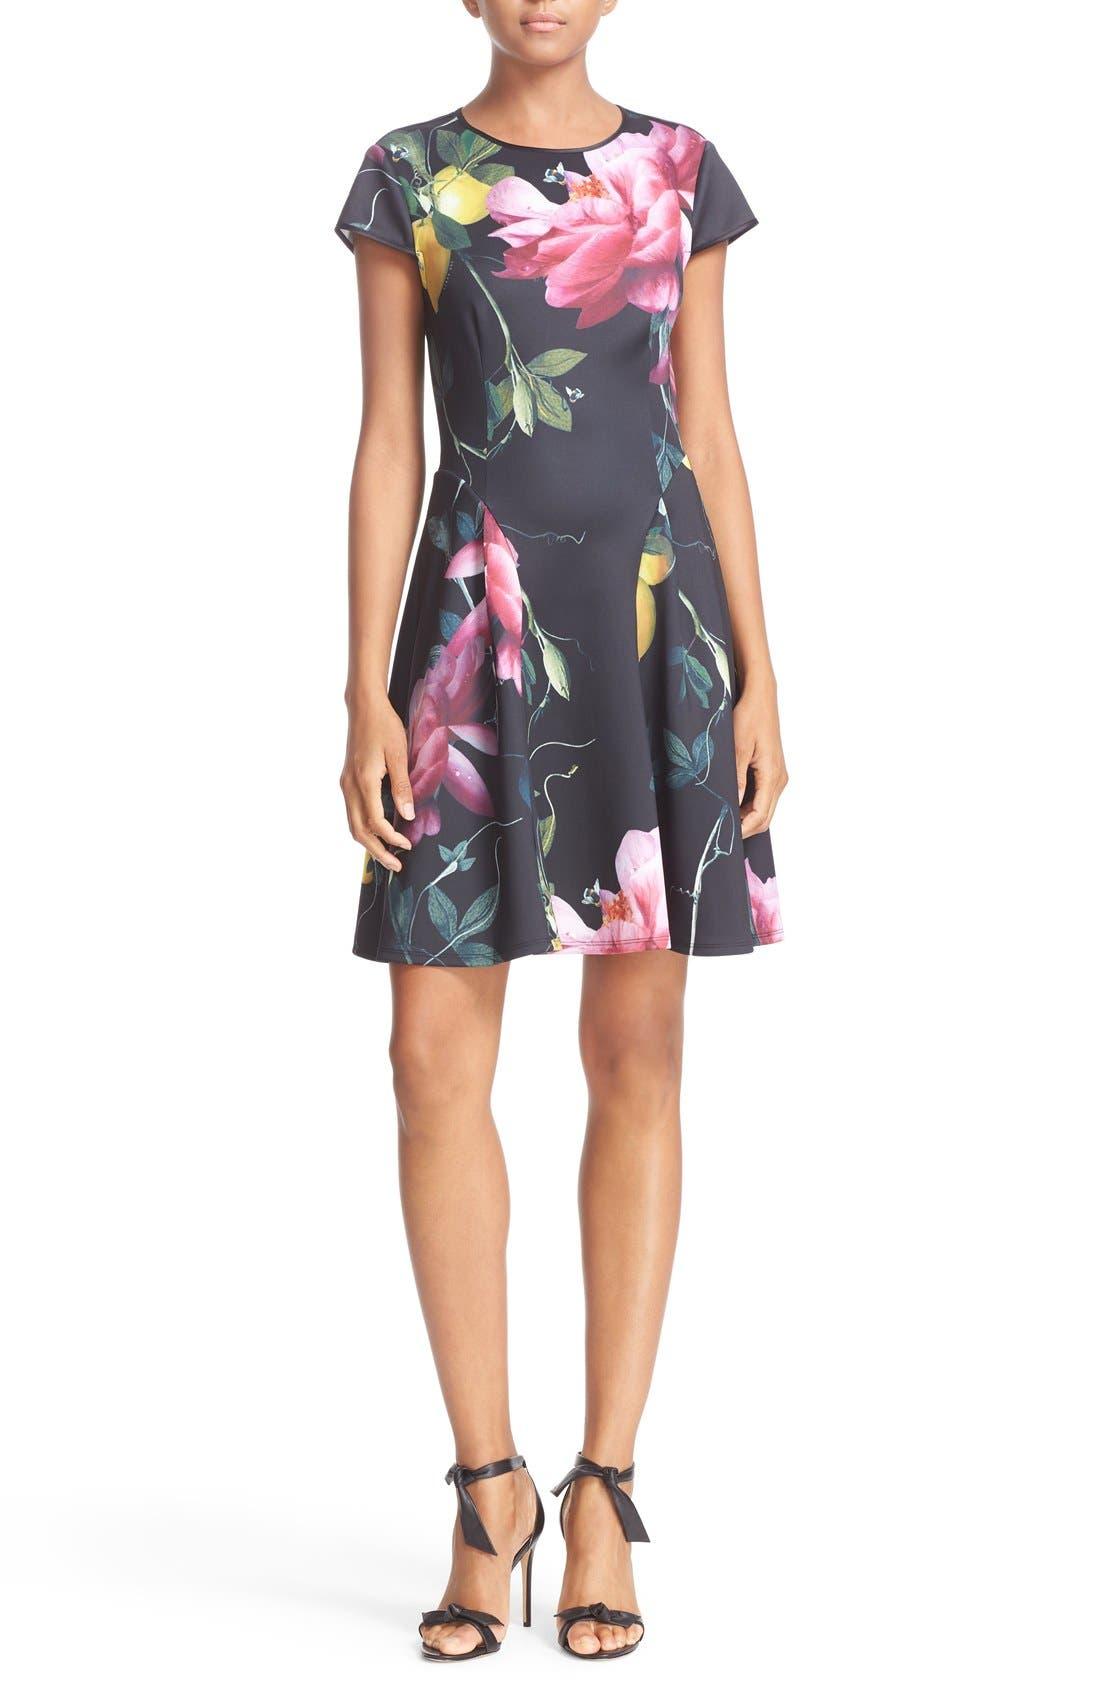 Alternate Image 1 Selected - Ted Baker London 'Allisia' Print Skater Dress